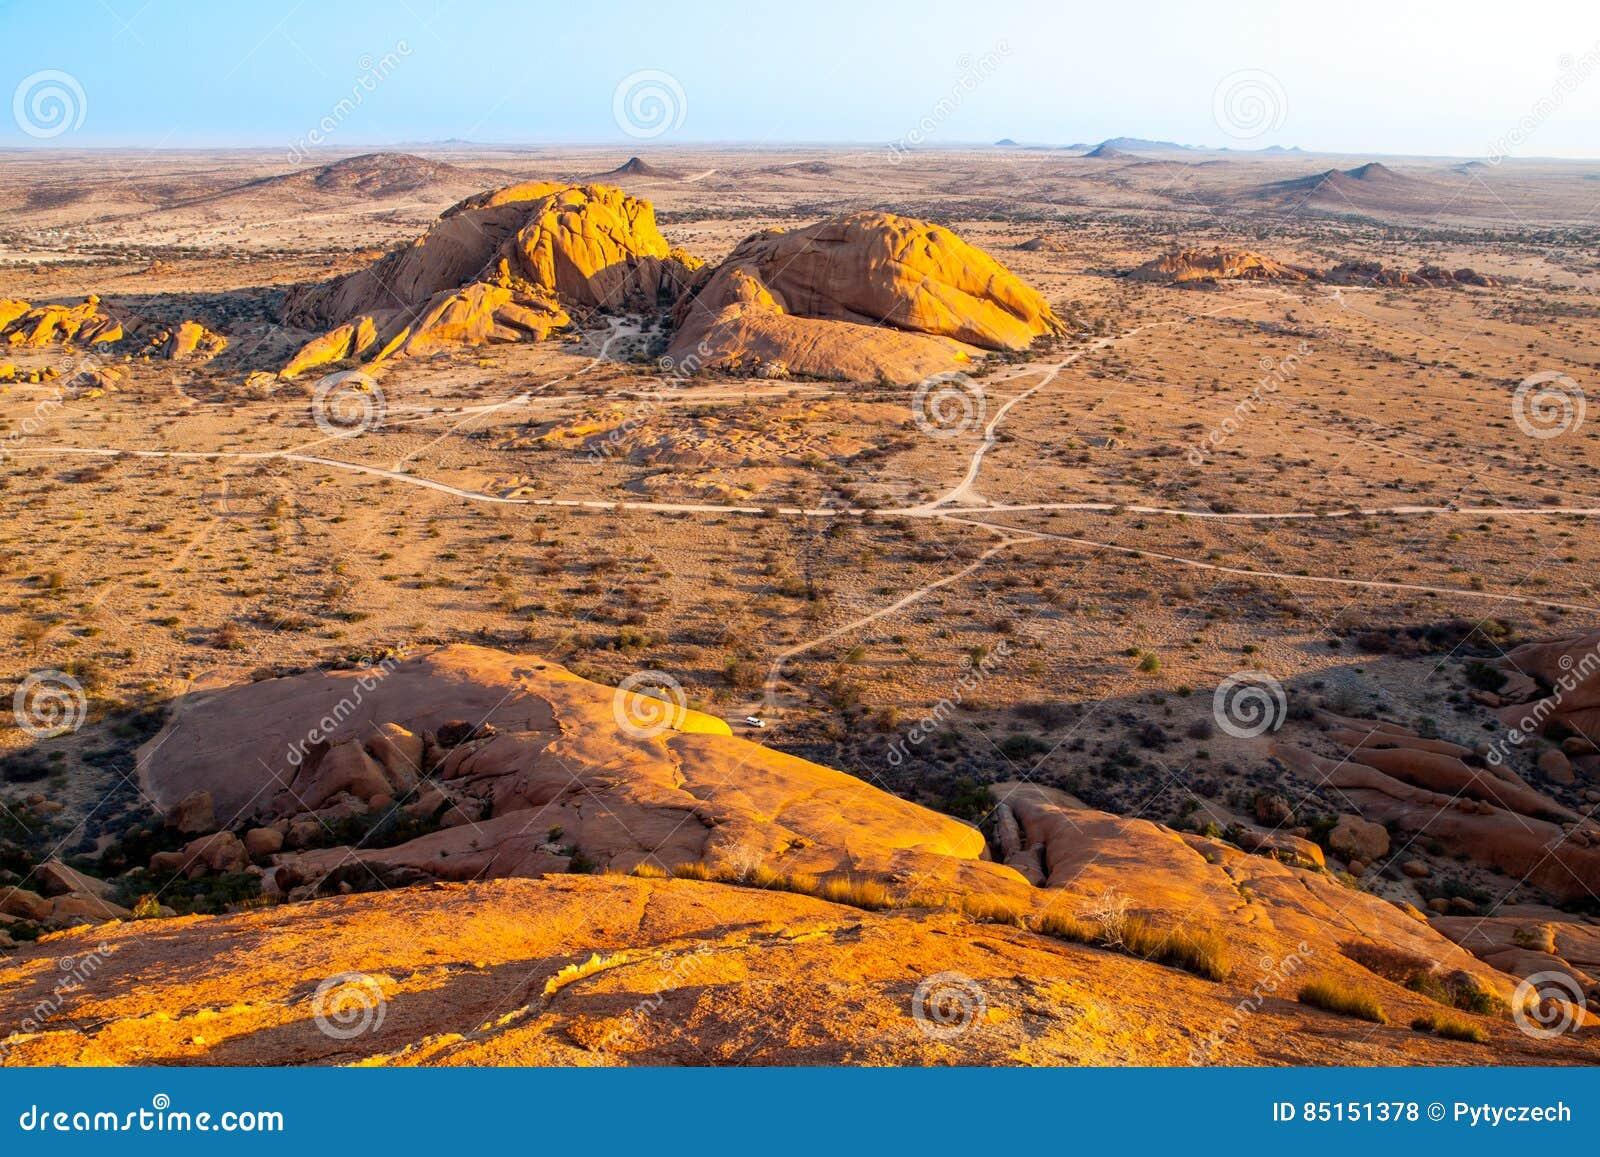 Landschap rond Spitzkoppe, aka Spitzkop, met de massieve vormingen van de granietrots, Namib-Woestijn, Namibië, Afrika